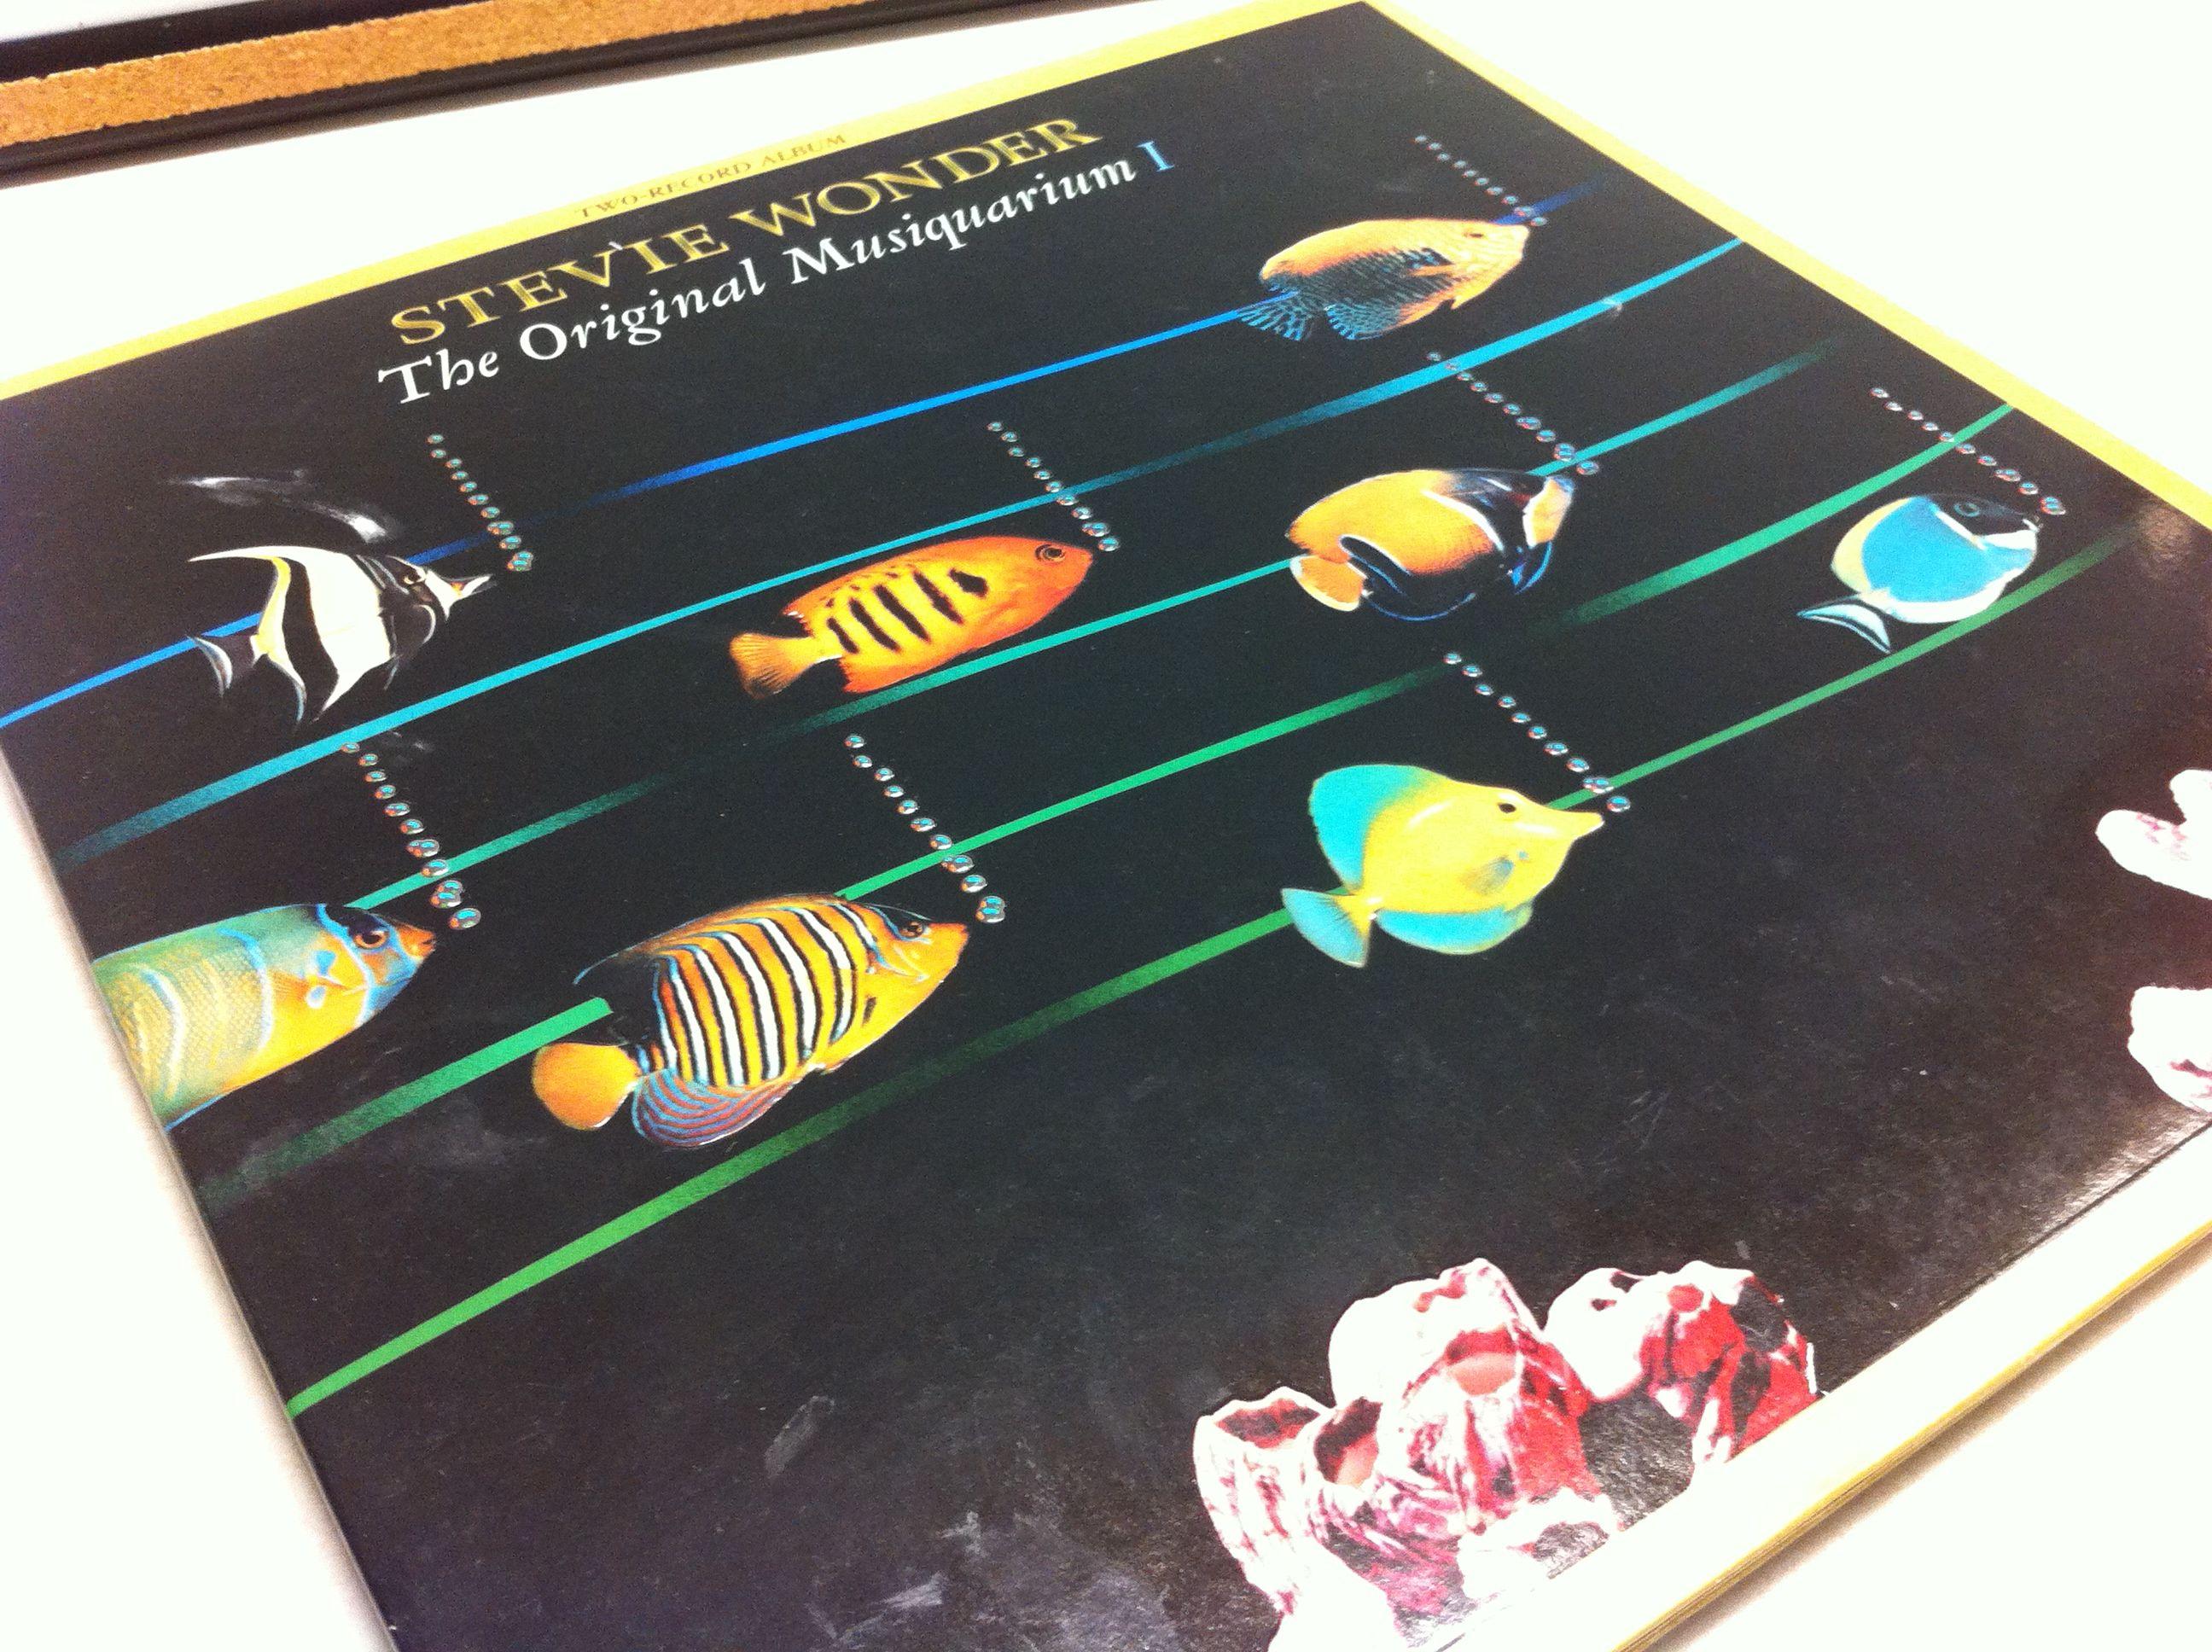 The Original Musiquarium - Stevie Wonder